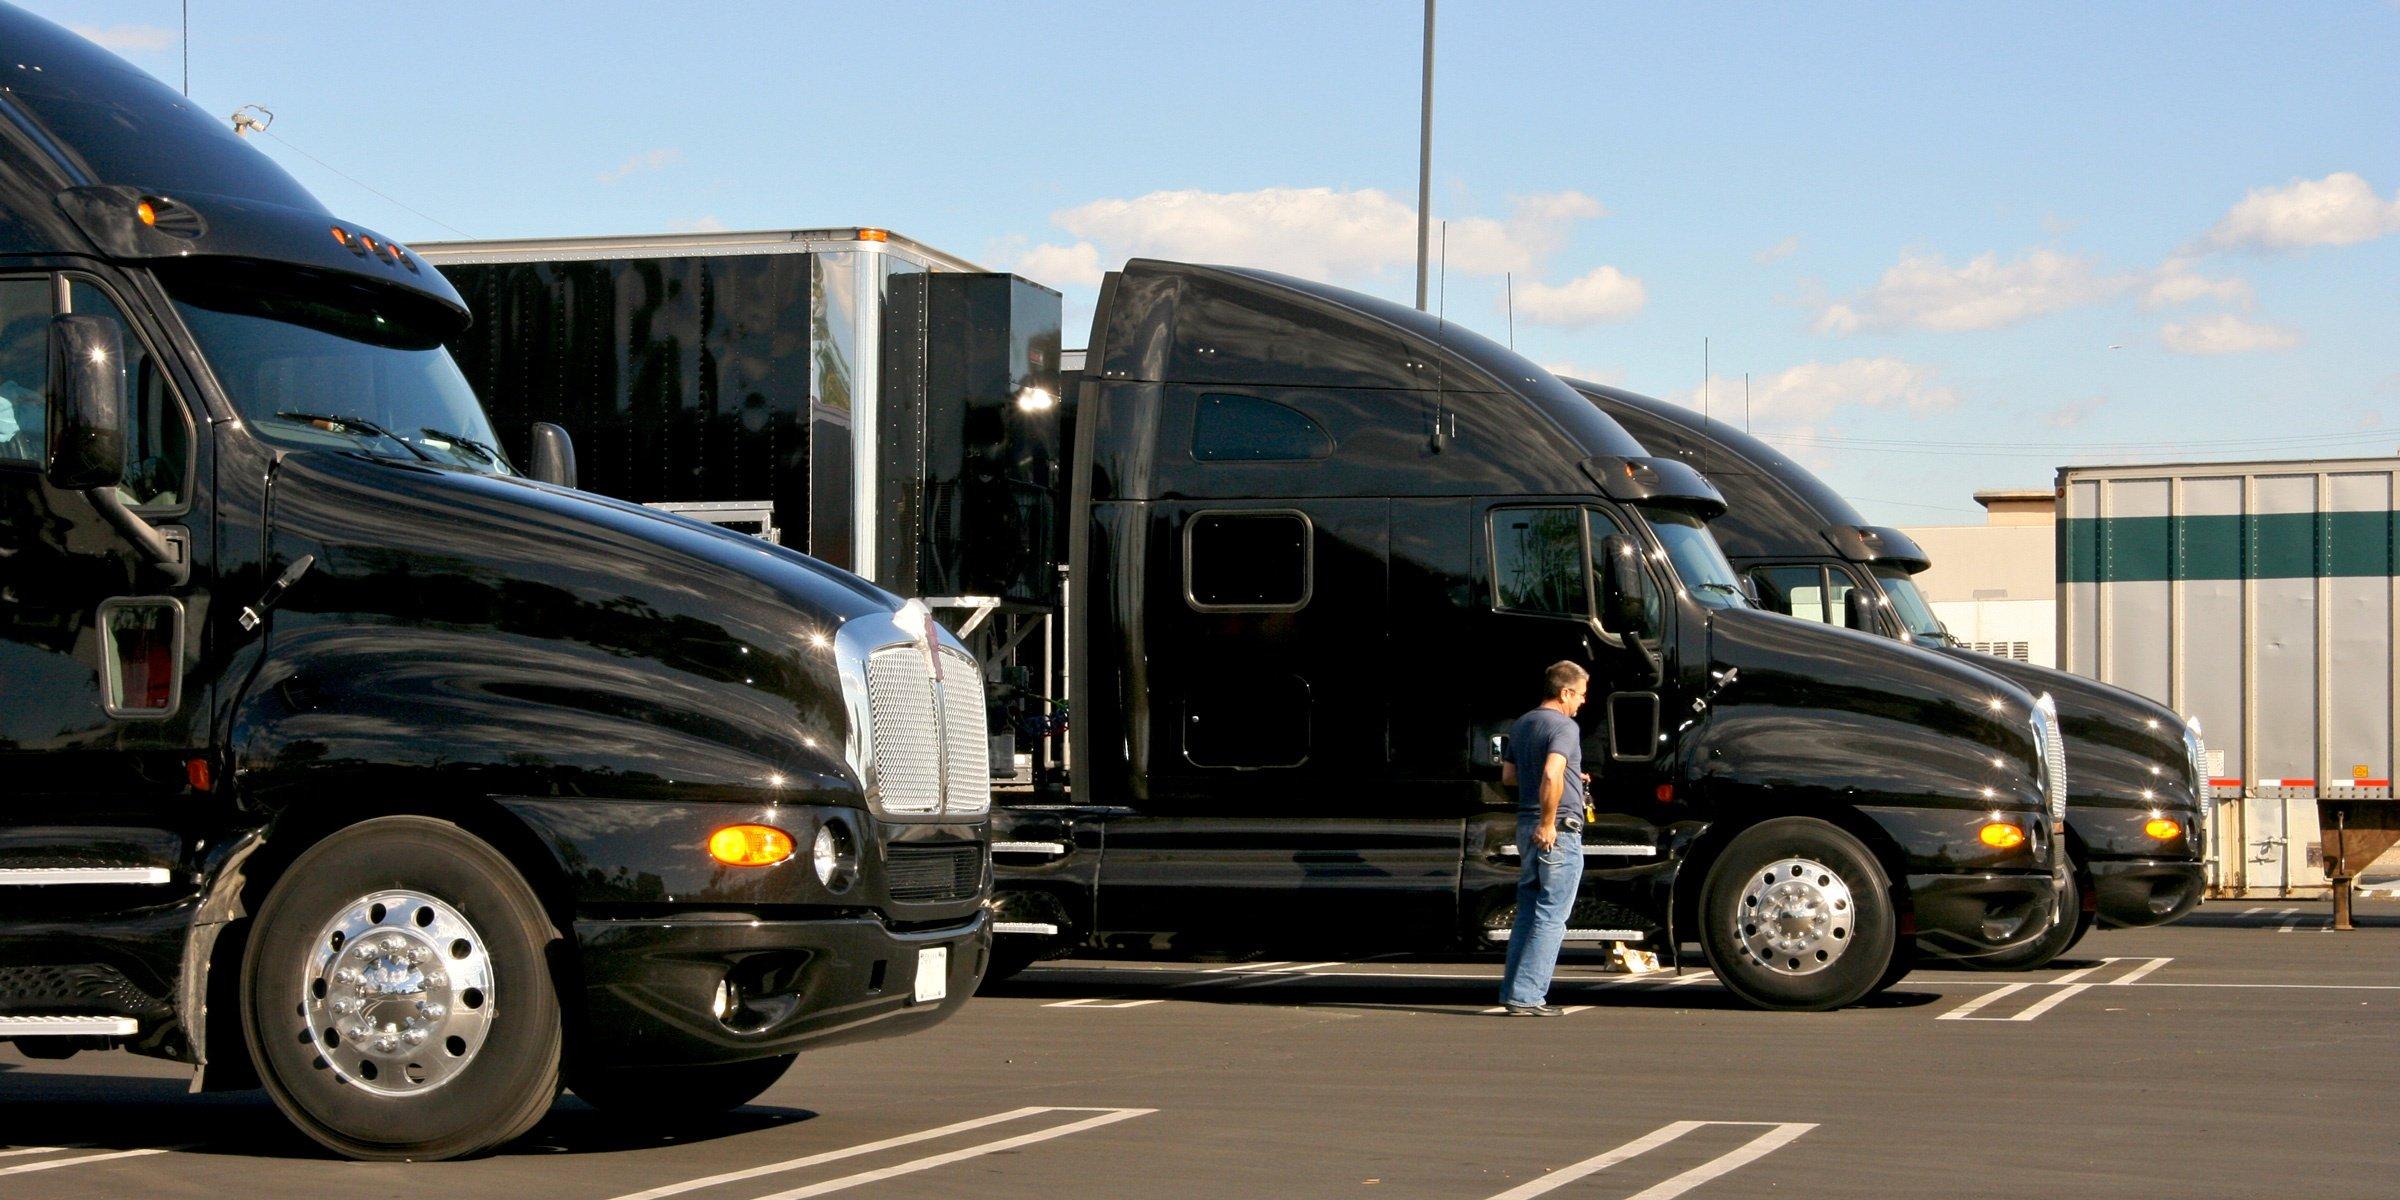 three black semi trucks